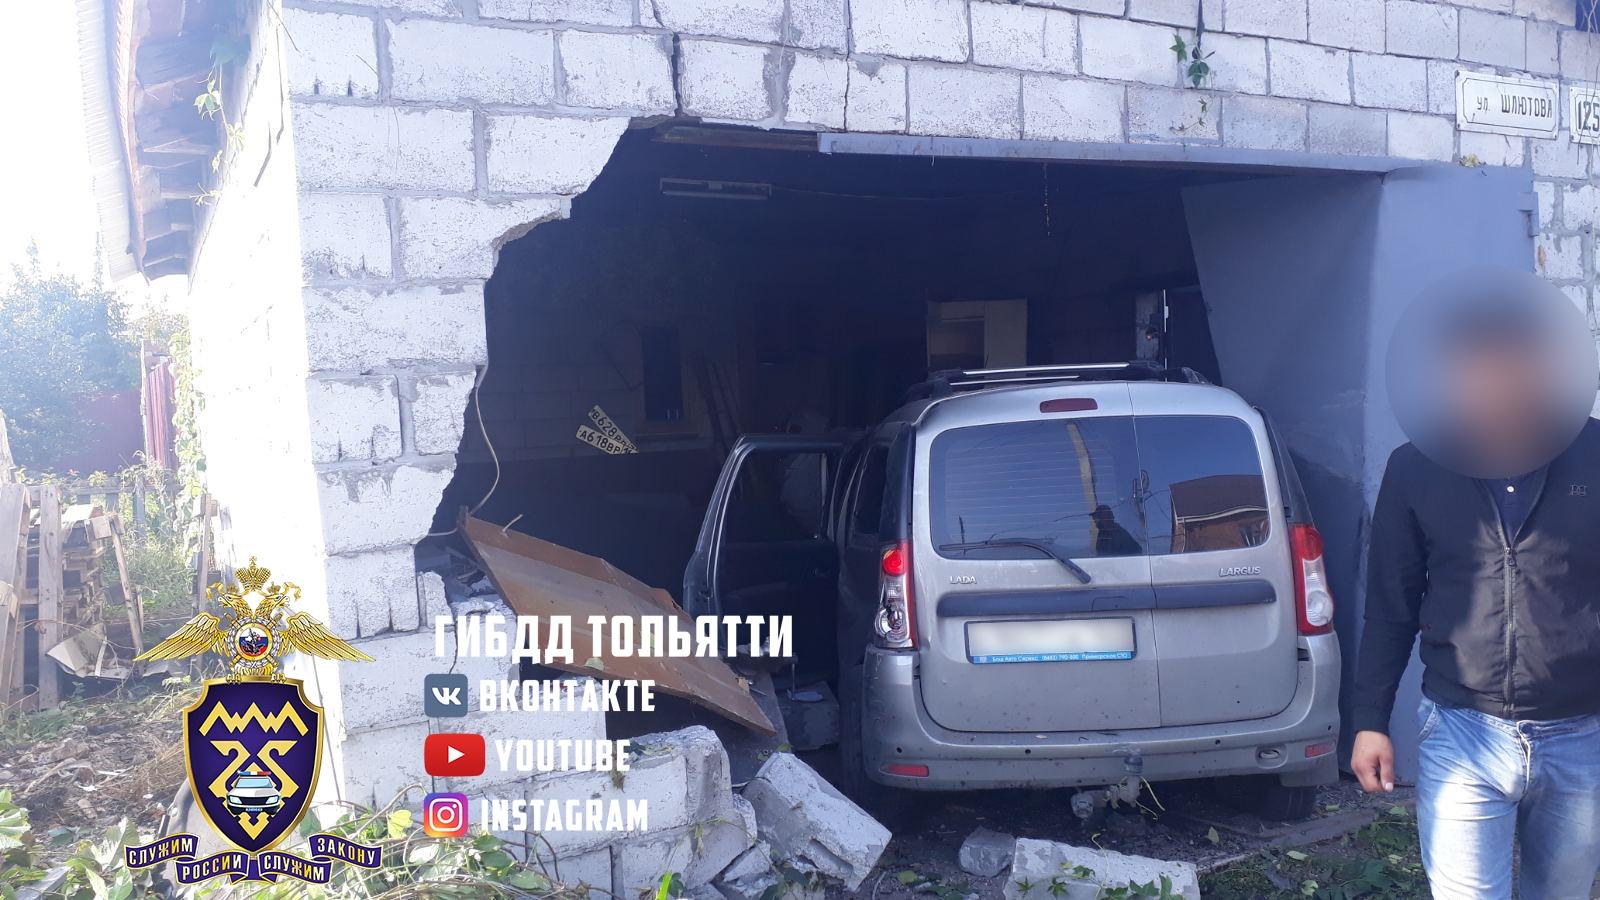 В Тольятти на самом опасном перекрестке машина пробила стену гаража